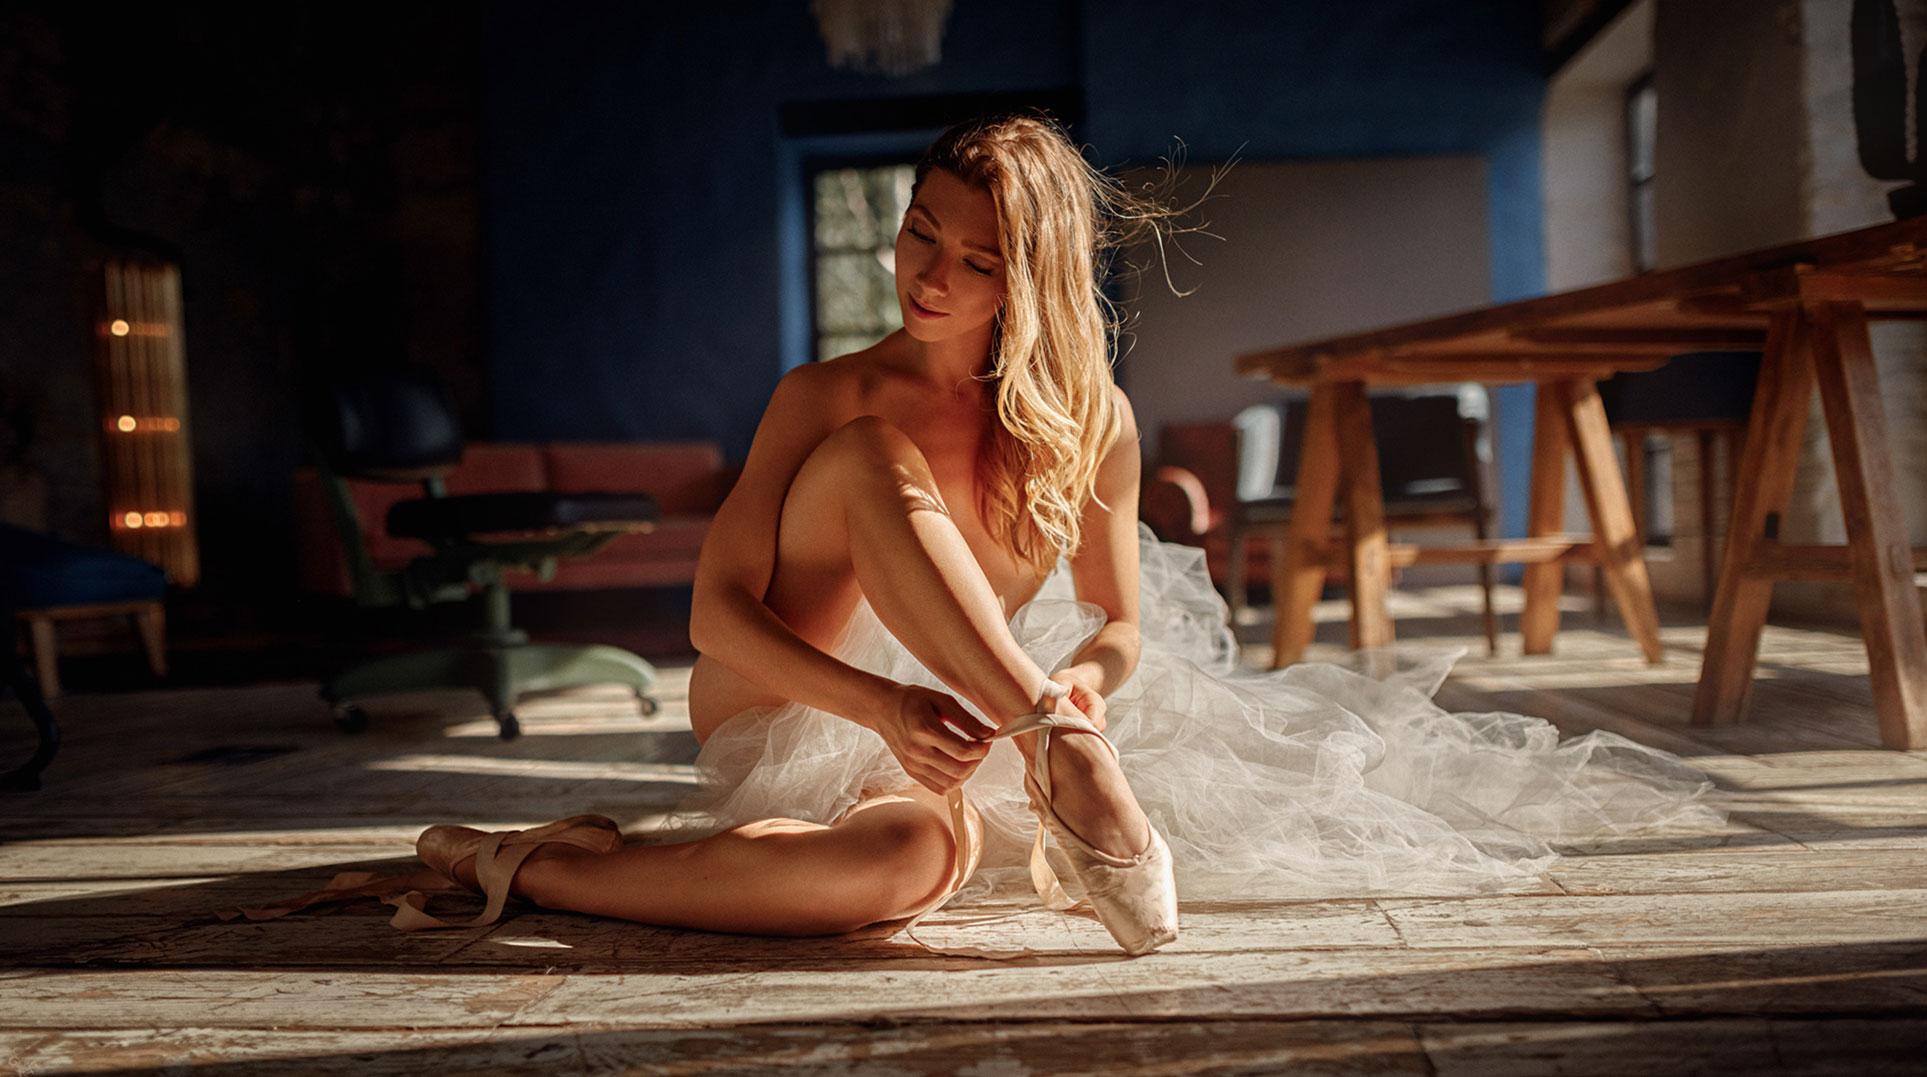 Балерина Анна танцуета сексуальный танец / фото 03